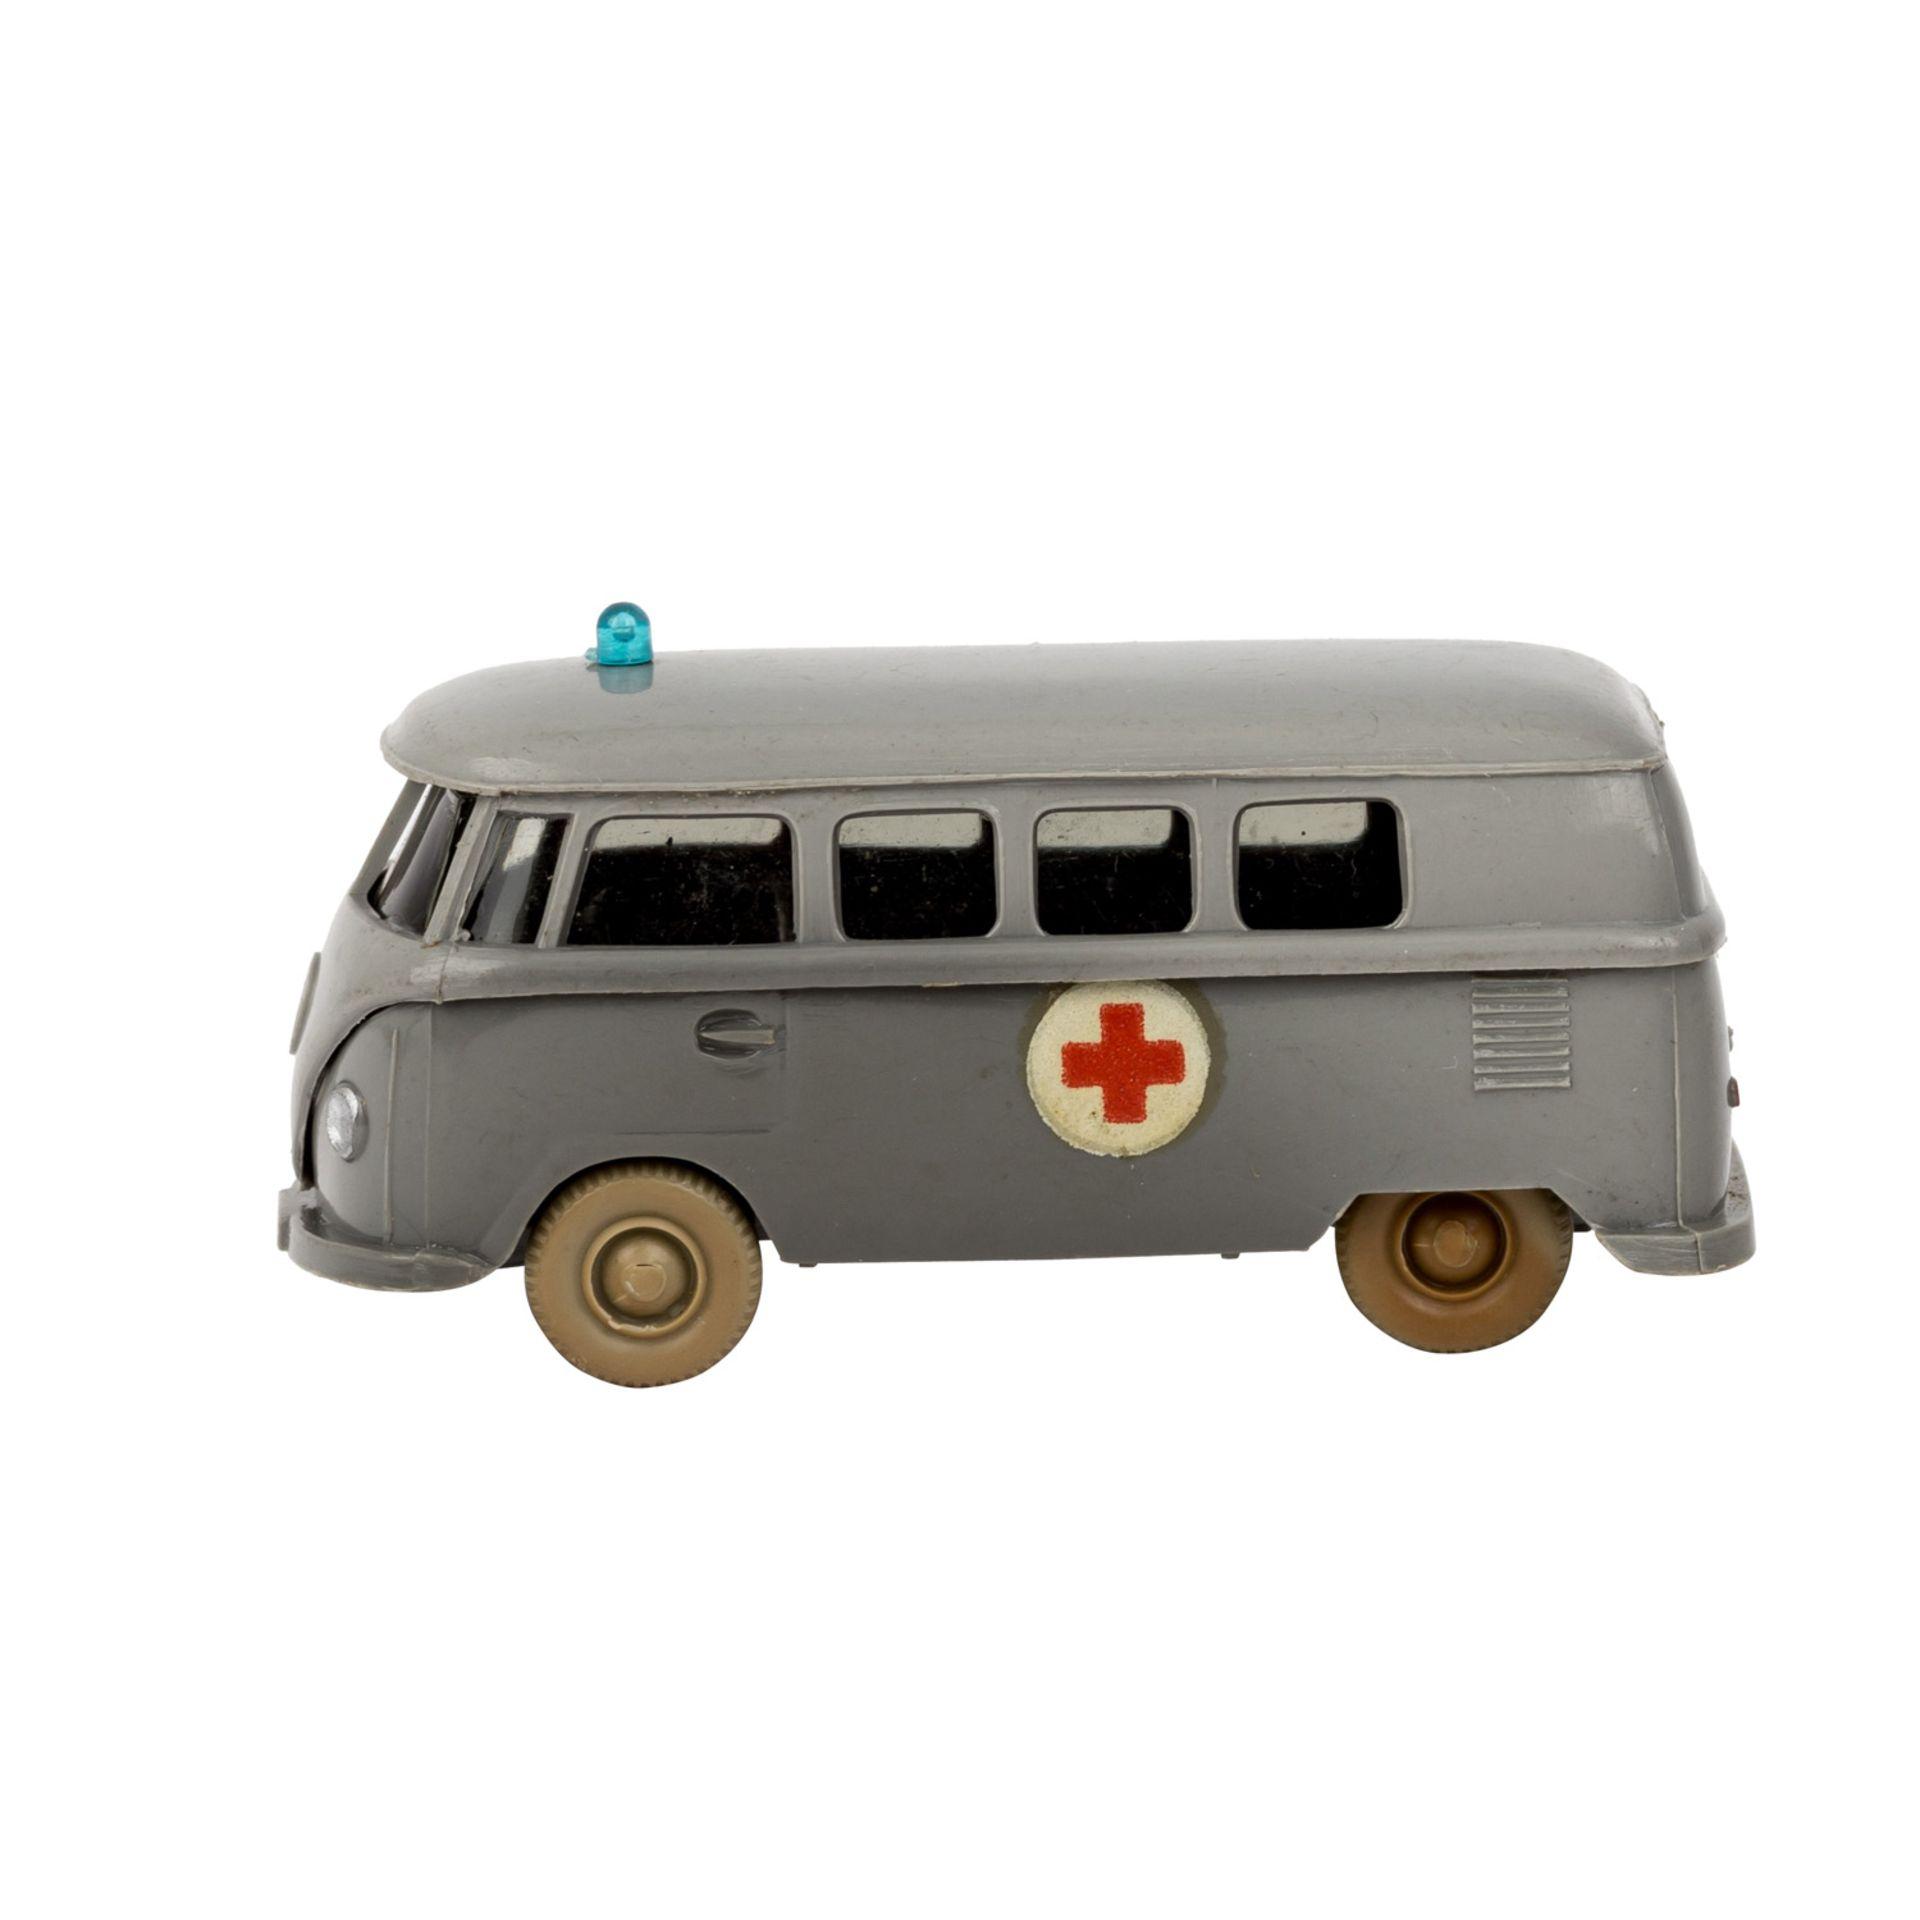 WIKING VW Bus 'T1, Rotkreuz', 1961-65,staubgraue Karosserie, 'Rotkreuz'-Emblem als Abz - Image 2 of 5